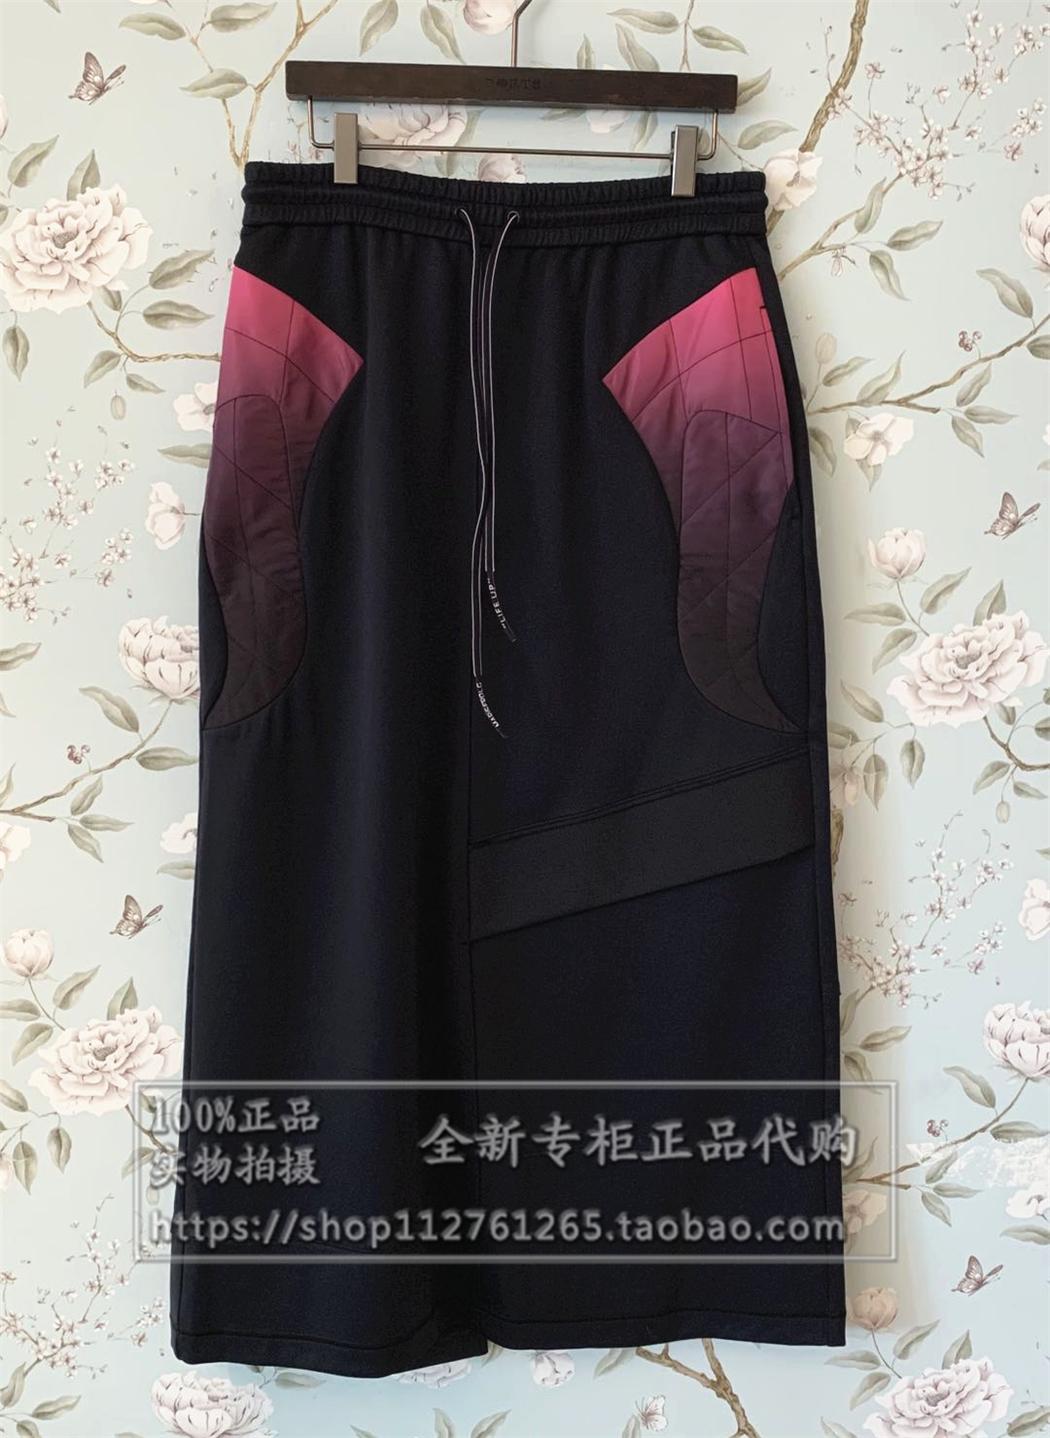 玛丝菲尔女装正品 【商场正品】玛菲专柜正品2020秋款半裙 A1AY36662 ¥1980_推荐淘宝好看的玛丝菲尔正品